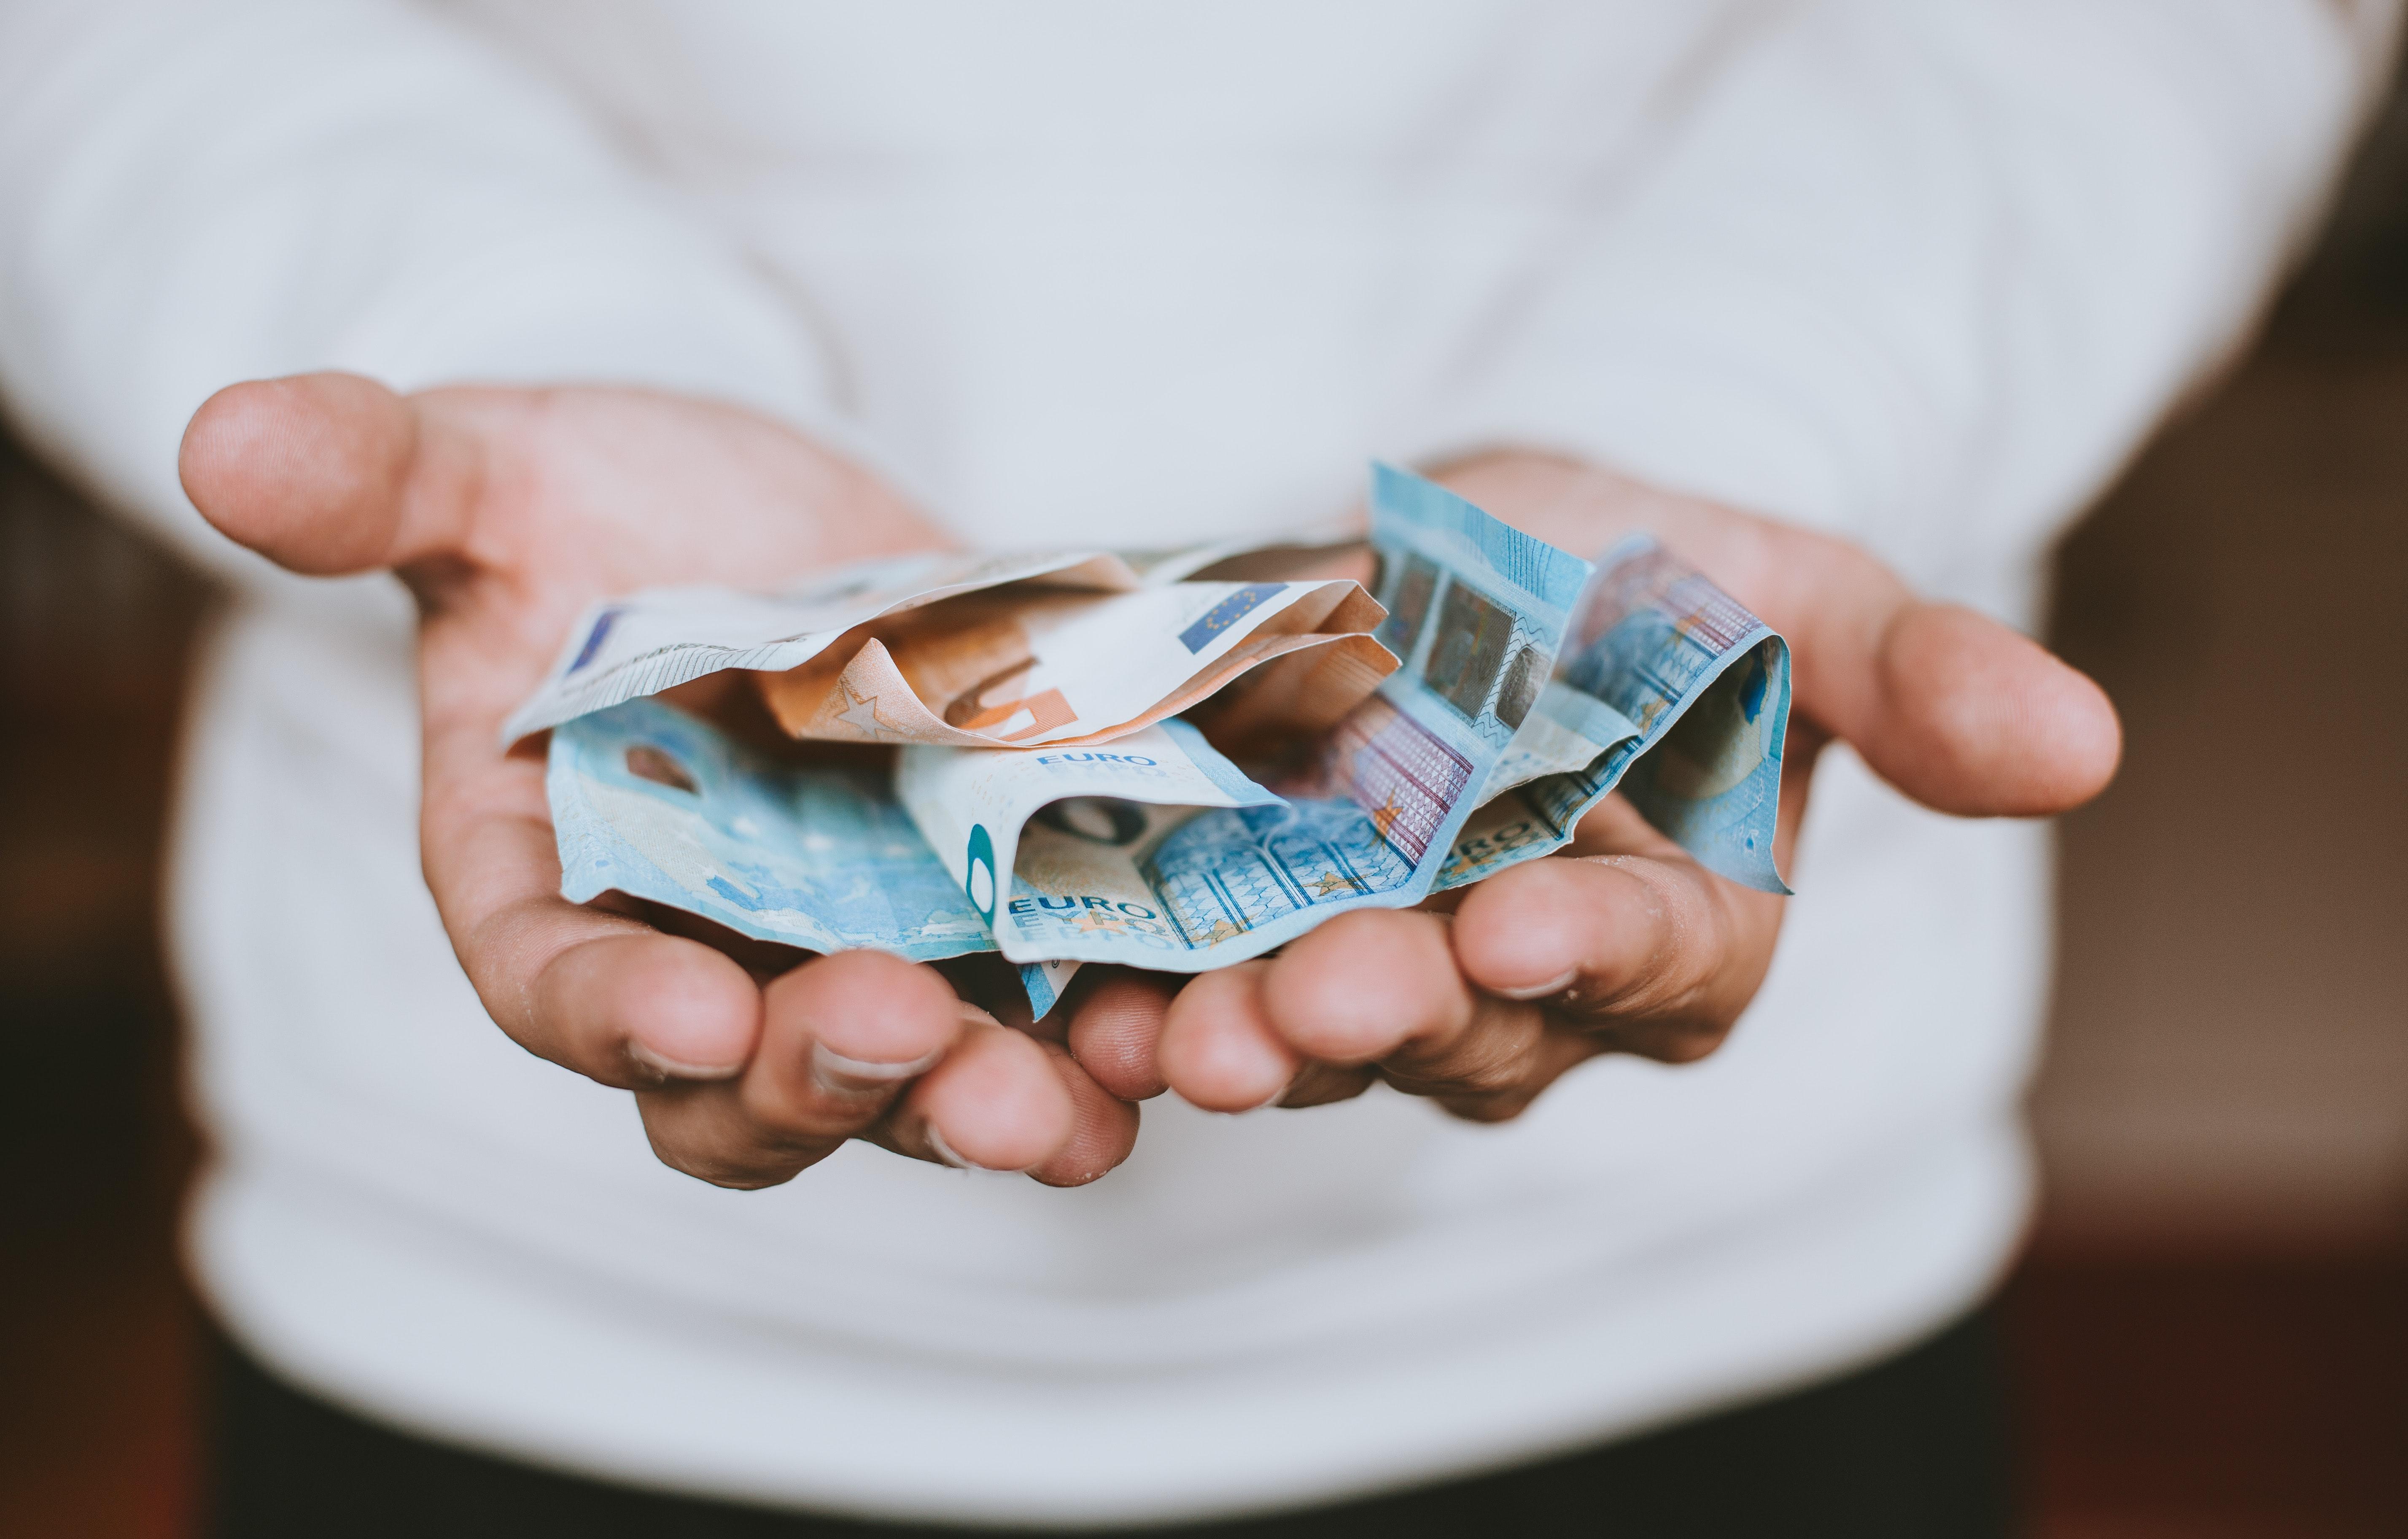 Heb jij recht op extra geld via de TONK-regeling?